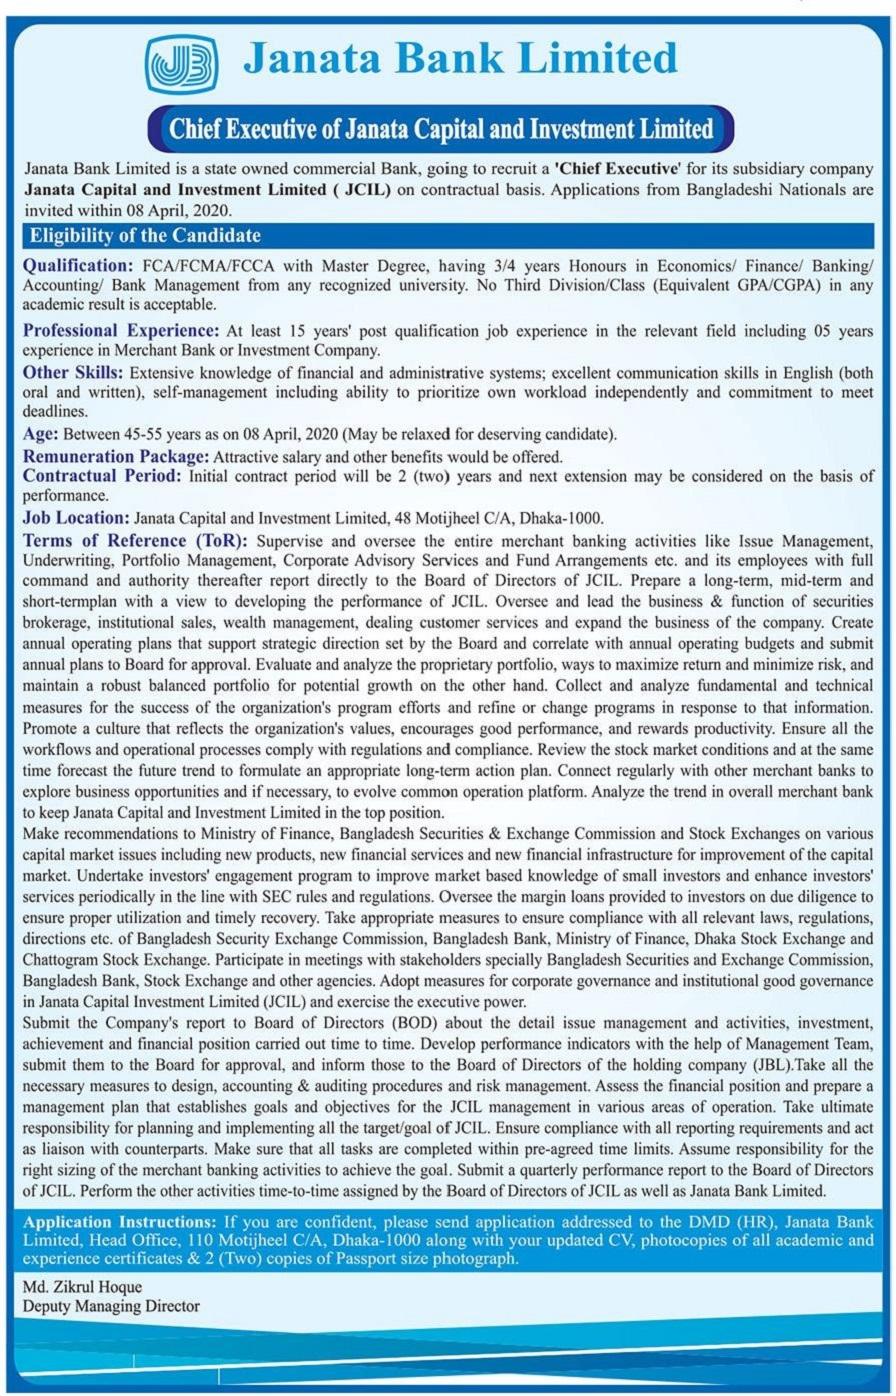 Janata Bank Limited Job Circular 2020